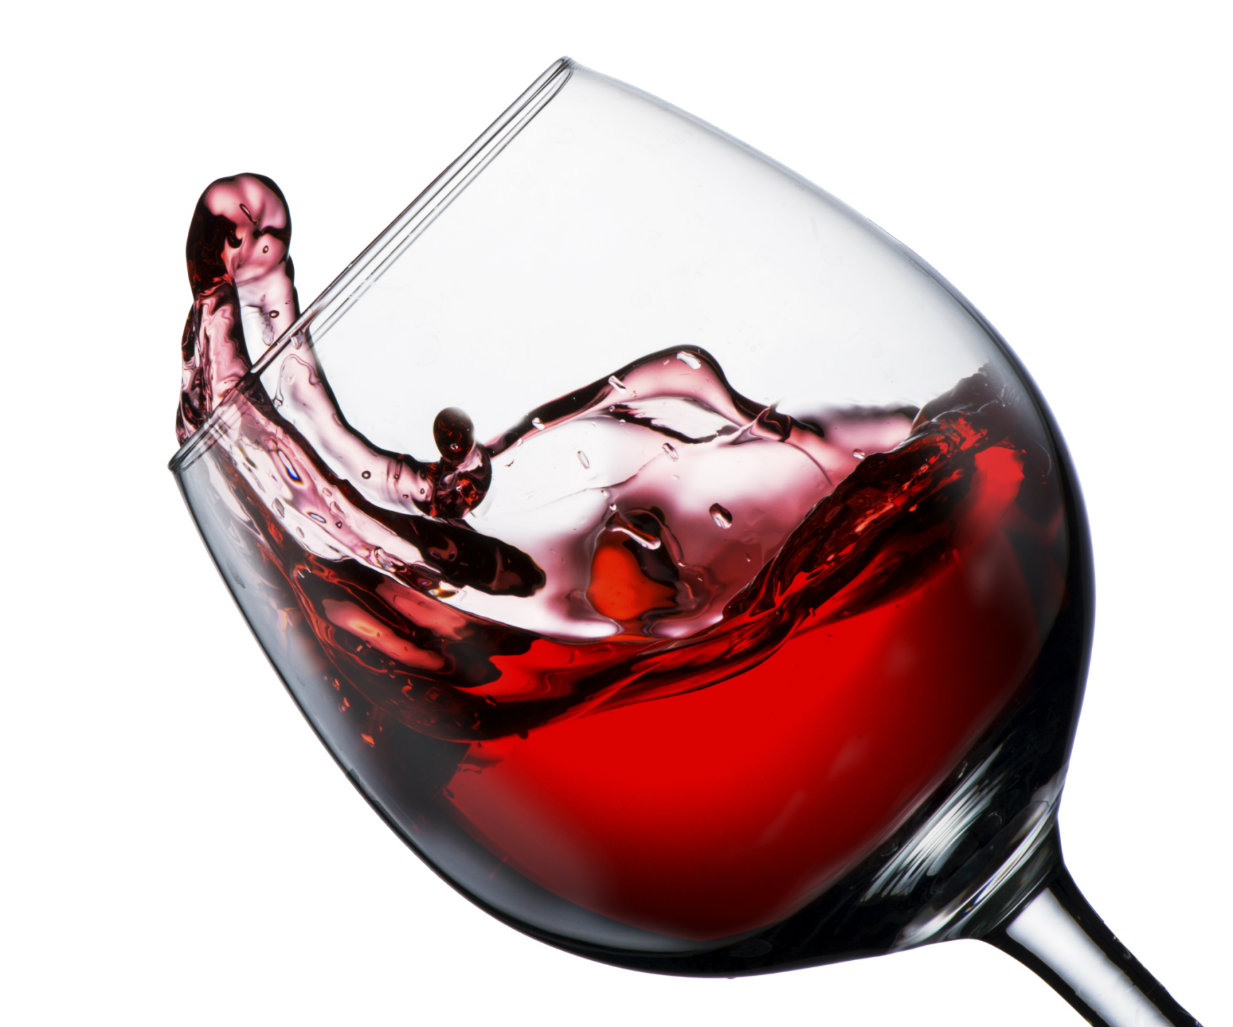 Conserver du vin : nos conseils avisés